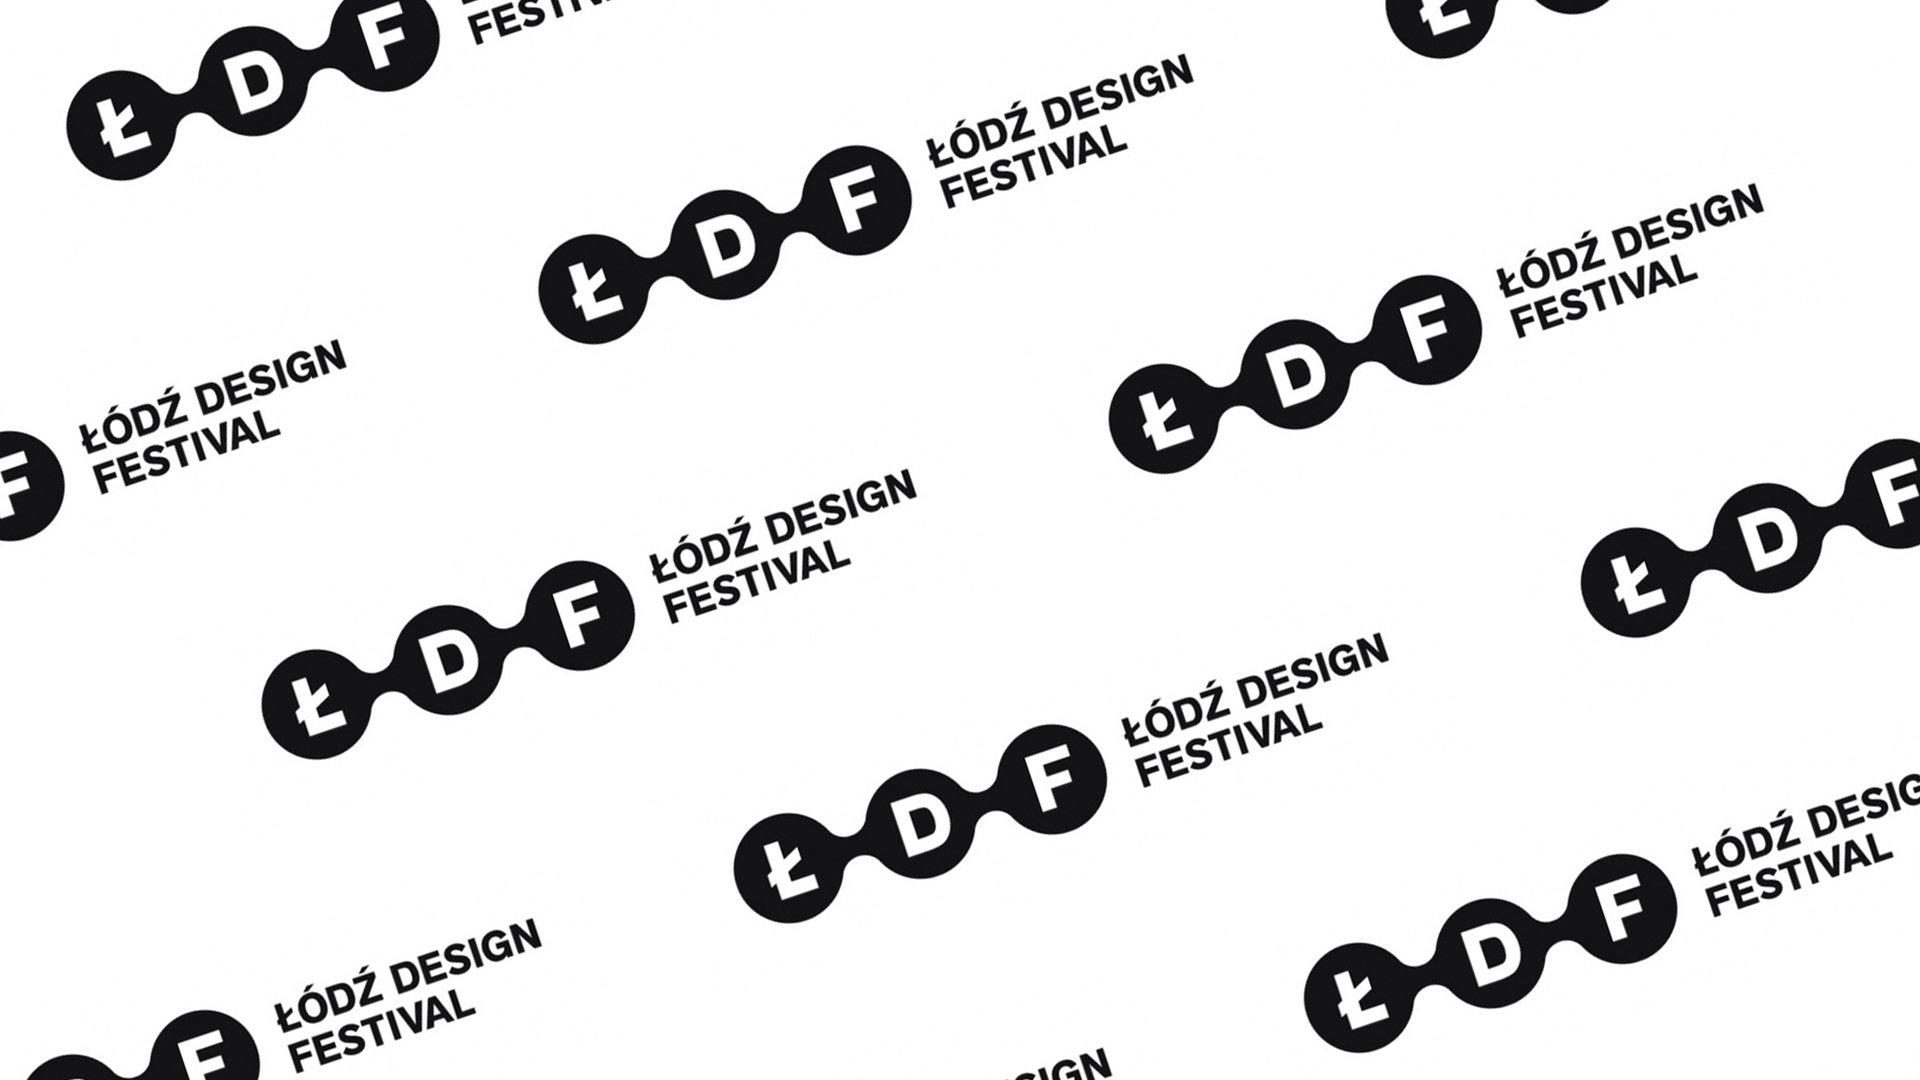 Będziemy na Łódź Design Festival 2018!